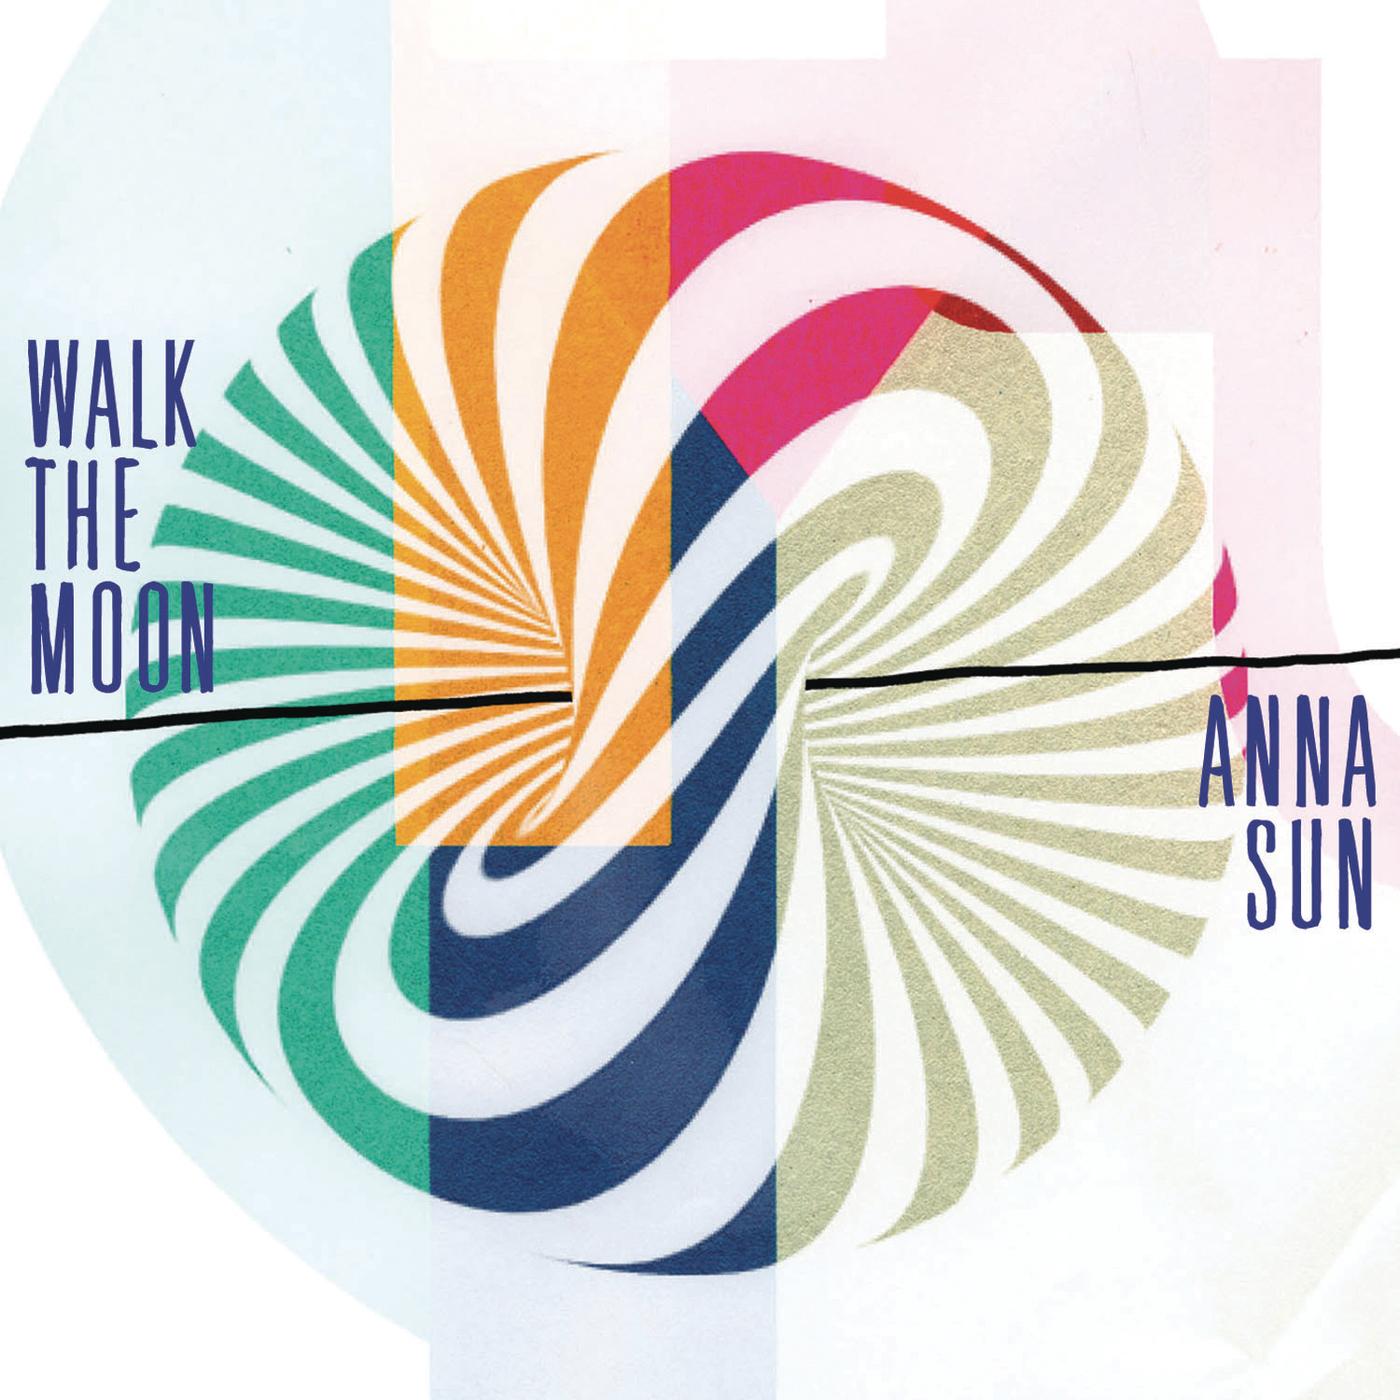 Anna Sun - WALK THE MOON